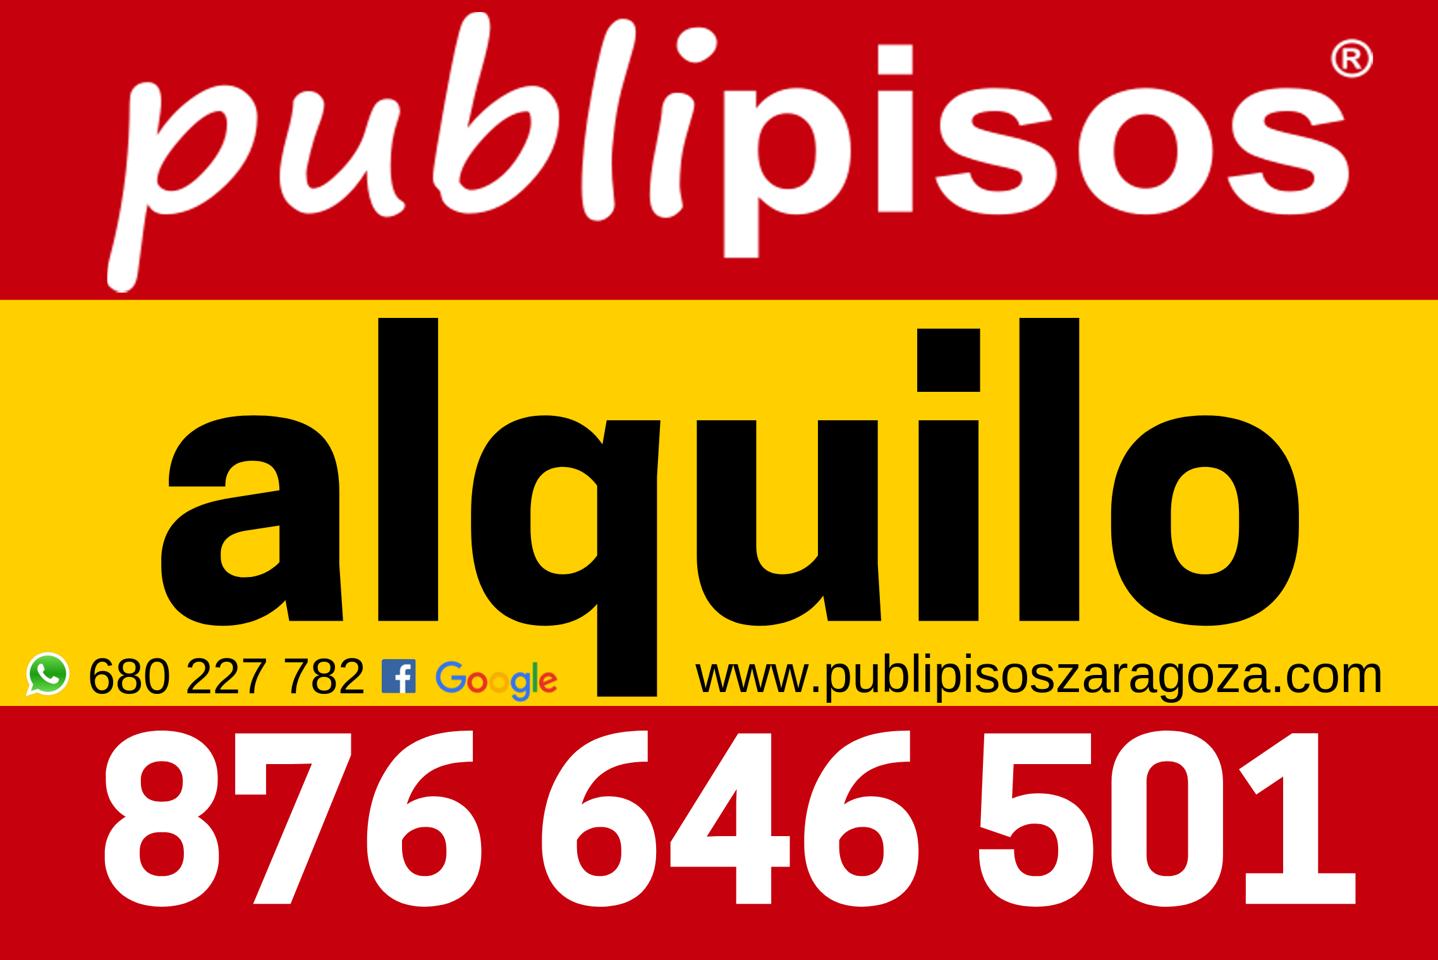 Piso alquiler centro Plaza del Pilar Zaragoza-24